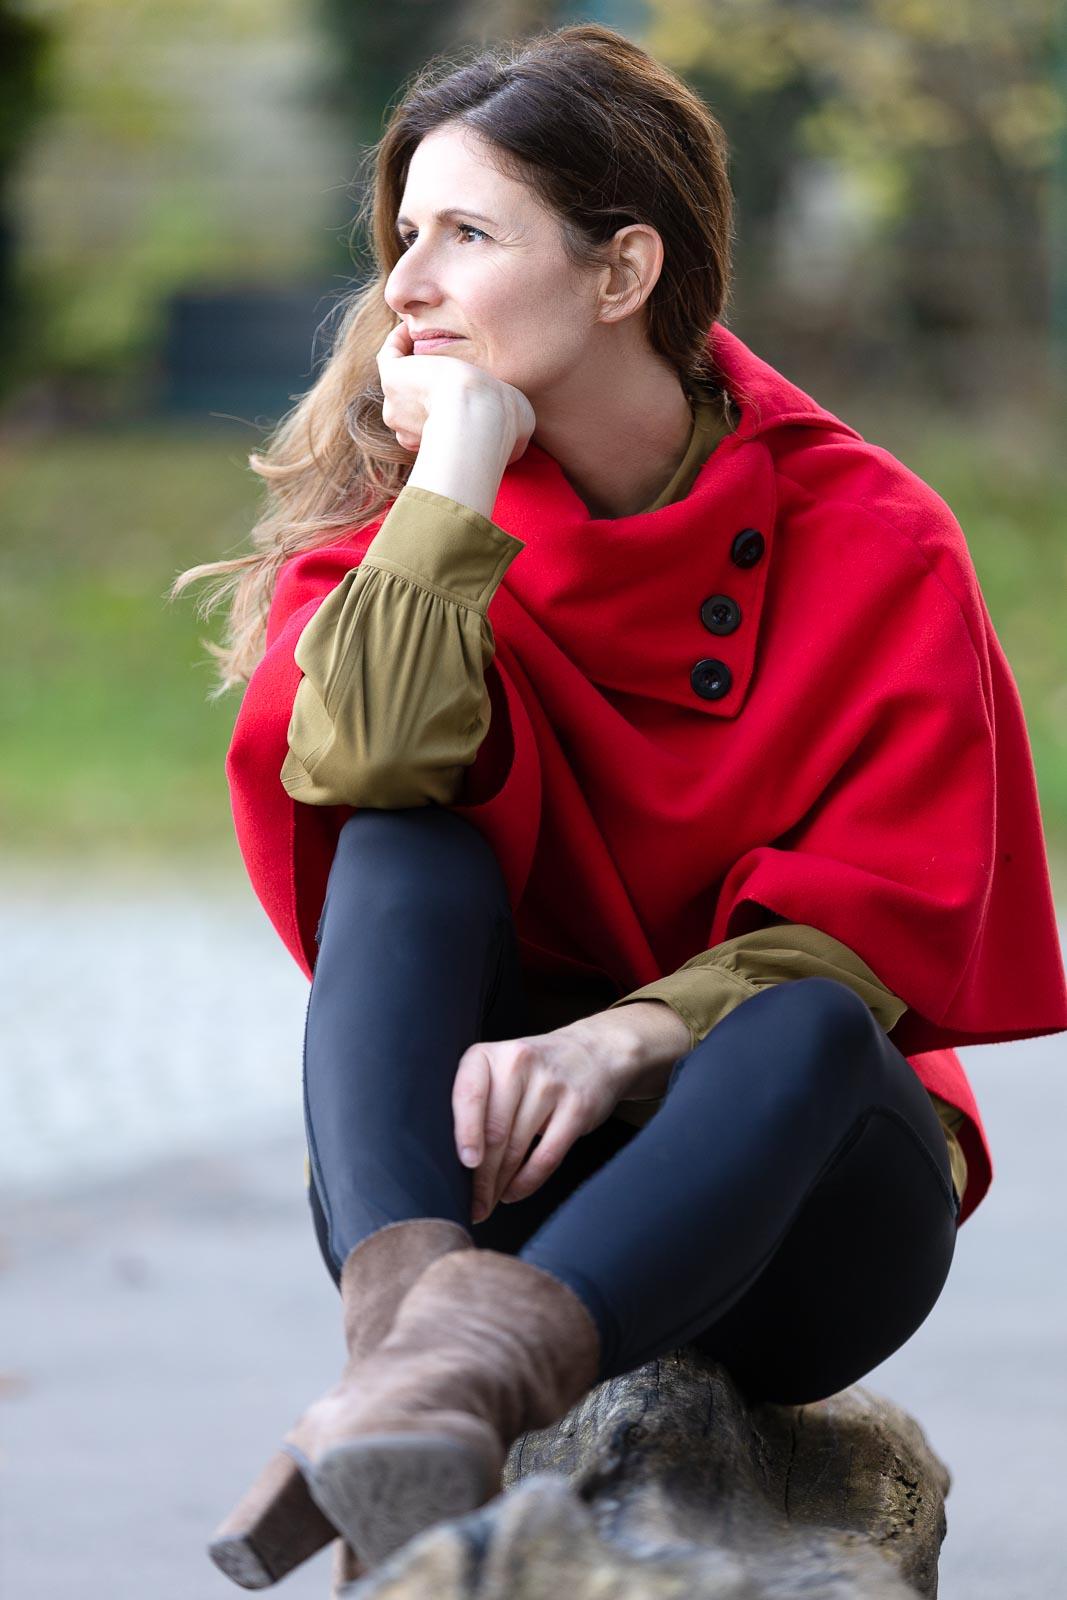 Dating-Foto einer braunhaarigen Frau mit rotem Mantel die nachdenklich auf einem Baumstamm sitzt